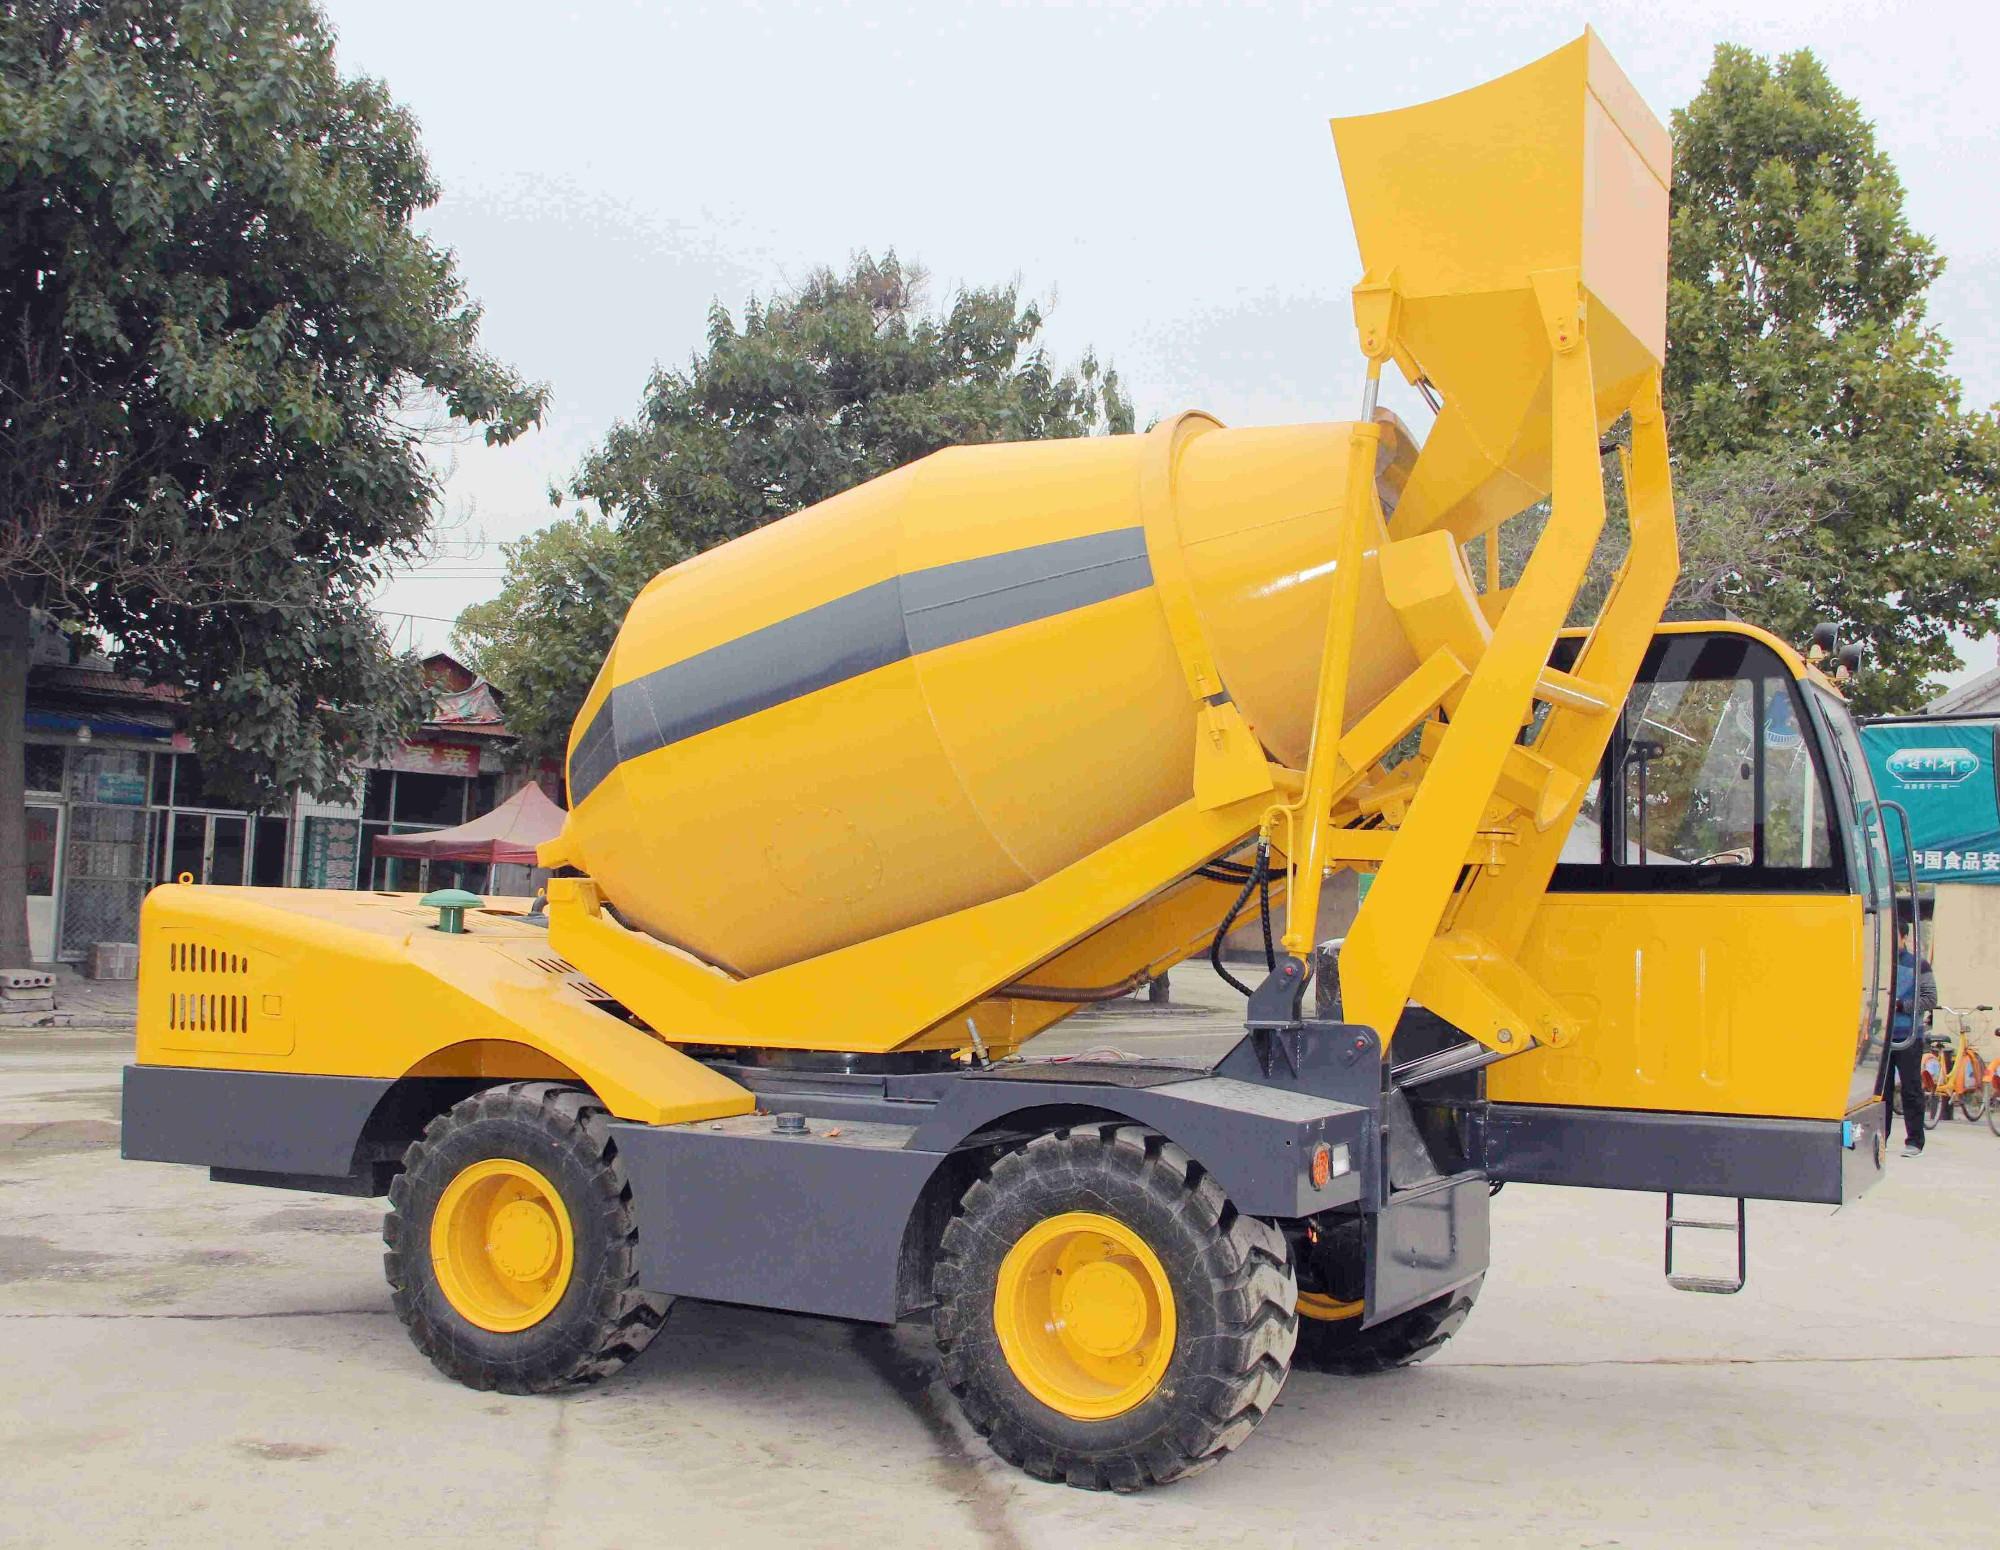 Beli  HANK 3,5 Meter Kubik Diri Propelled Hydraulic Ponsel Diri Memuat Beton Mixer Truck Harga,HANK 3,5 Meter Kubik Diri Propelled Hydraulic Ponsel Diri Memuat Beton Mixer Truck Harga Harga,HANK 3,5 Meter Kubik Diri Propelled Hydraulic Ponsel Diri Memuat Beton Mixer Truck Harga Merek,HANK 3,5 Meter Kubik Diri Propelled Hydraulic Ponsel Diri Memuat Beton Mixer Truck Harga Produsen,HANK 3,5 Meter Kubik Diri Propelled Hydraulic Ponsel Diri Memuat Beton Mixer Truck Harga Quotes,HANK 3,5 Meter Kubik Diri Propelled Hydraulic Ponsel Diri Memuat Beton Mixer Truck Harga Perusahaan,